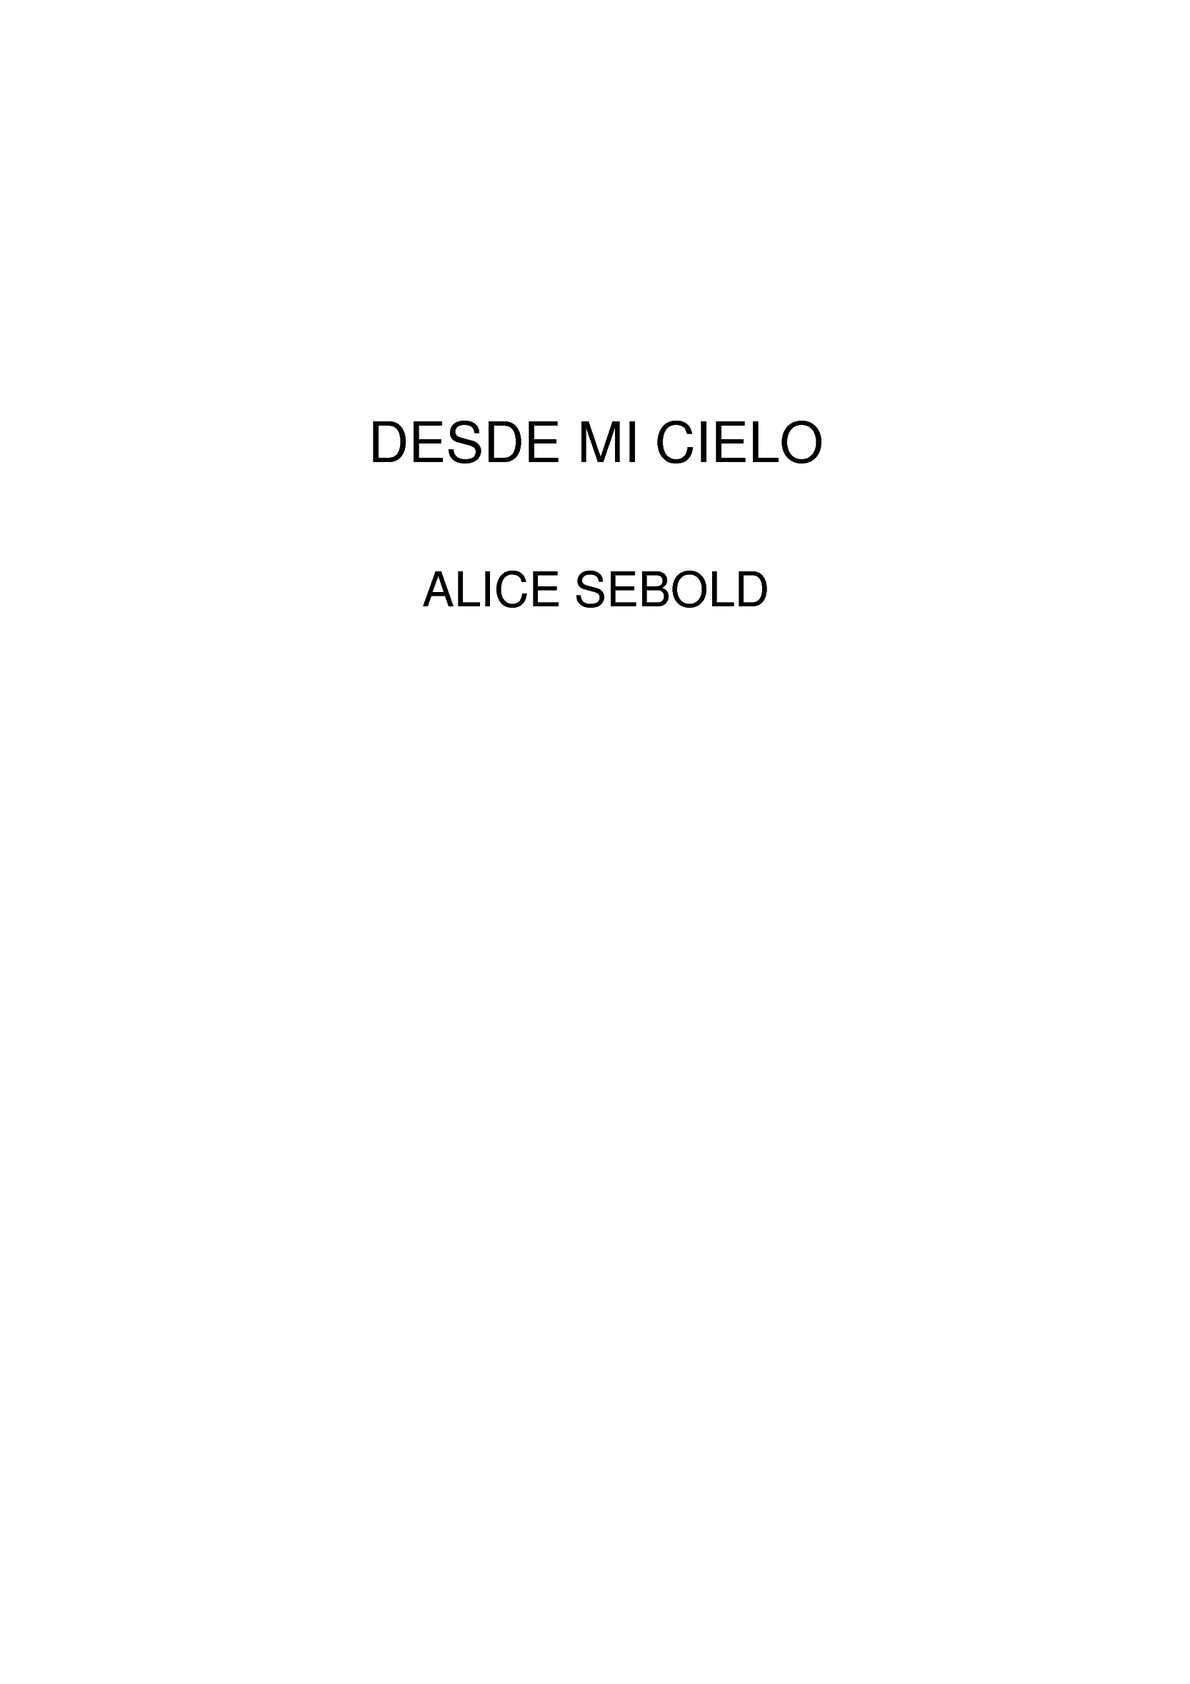 Calaméo - Desde mi cielo libro pdf 32a244082105